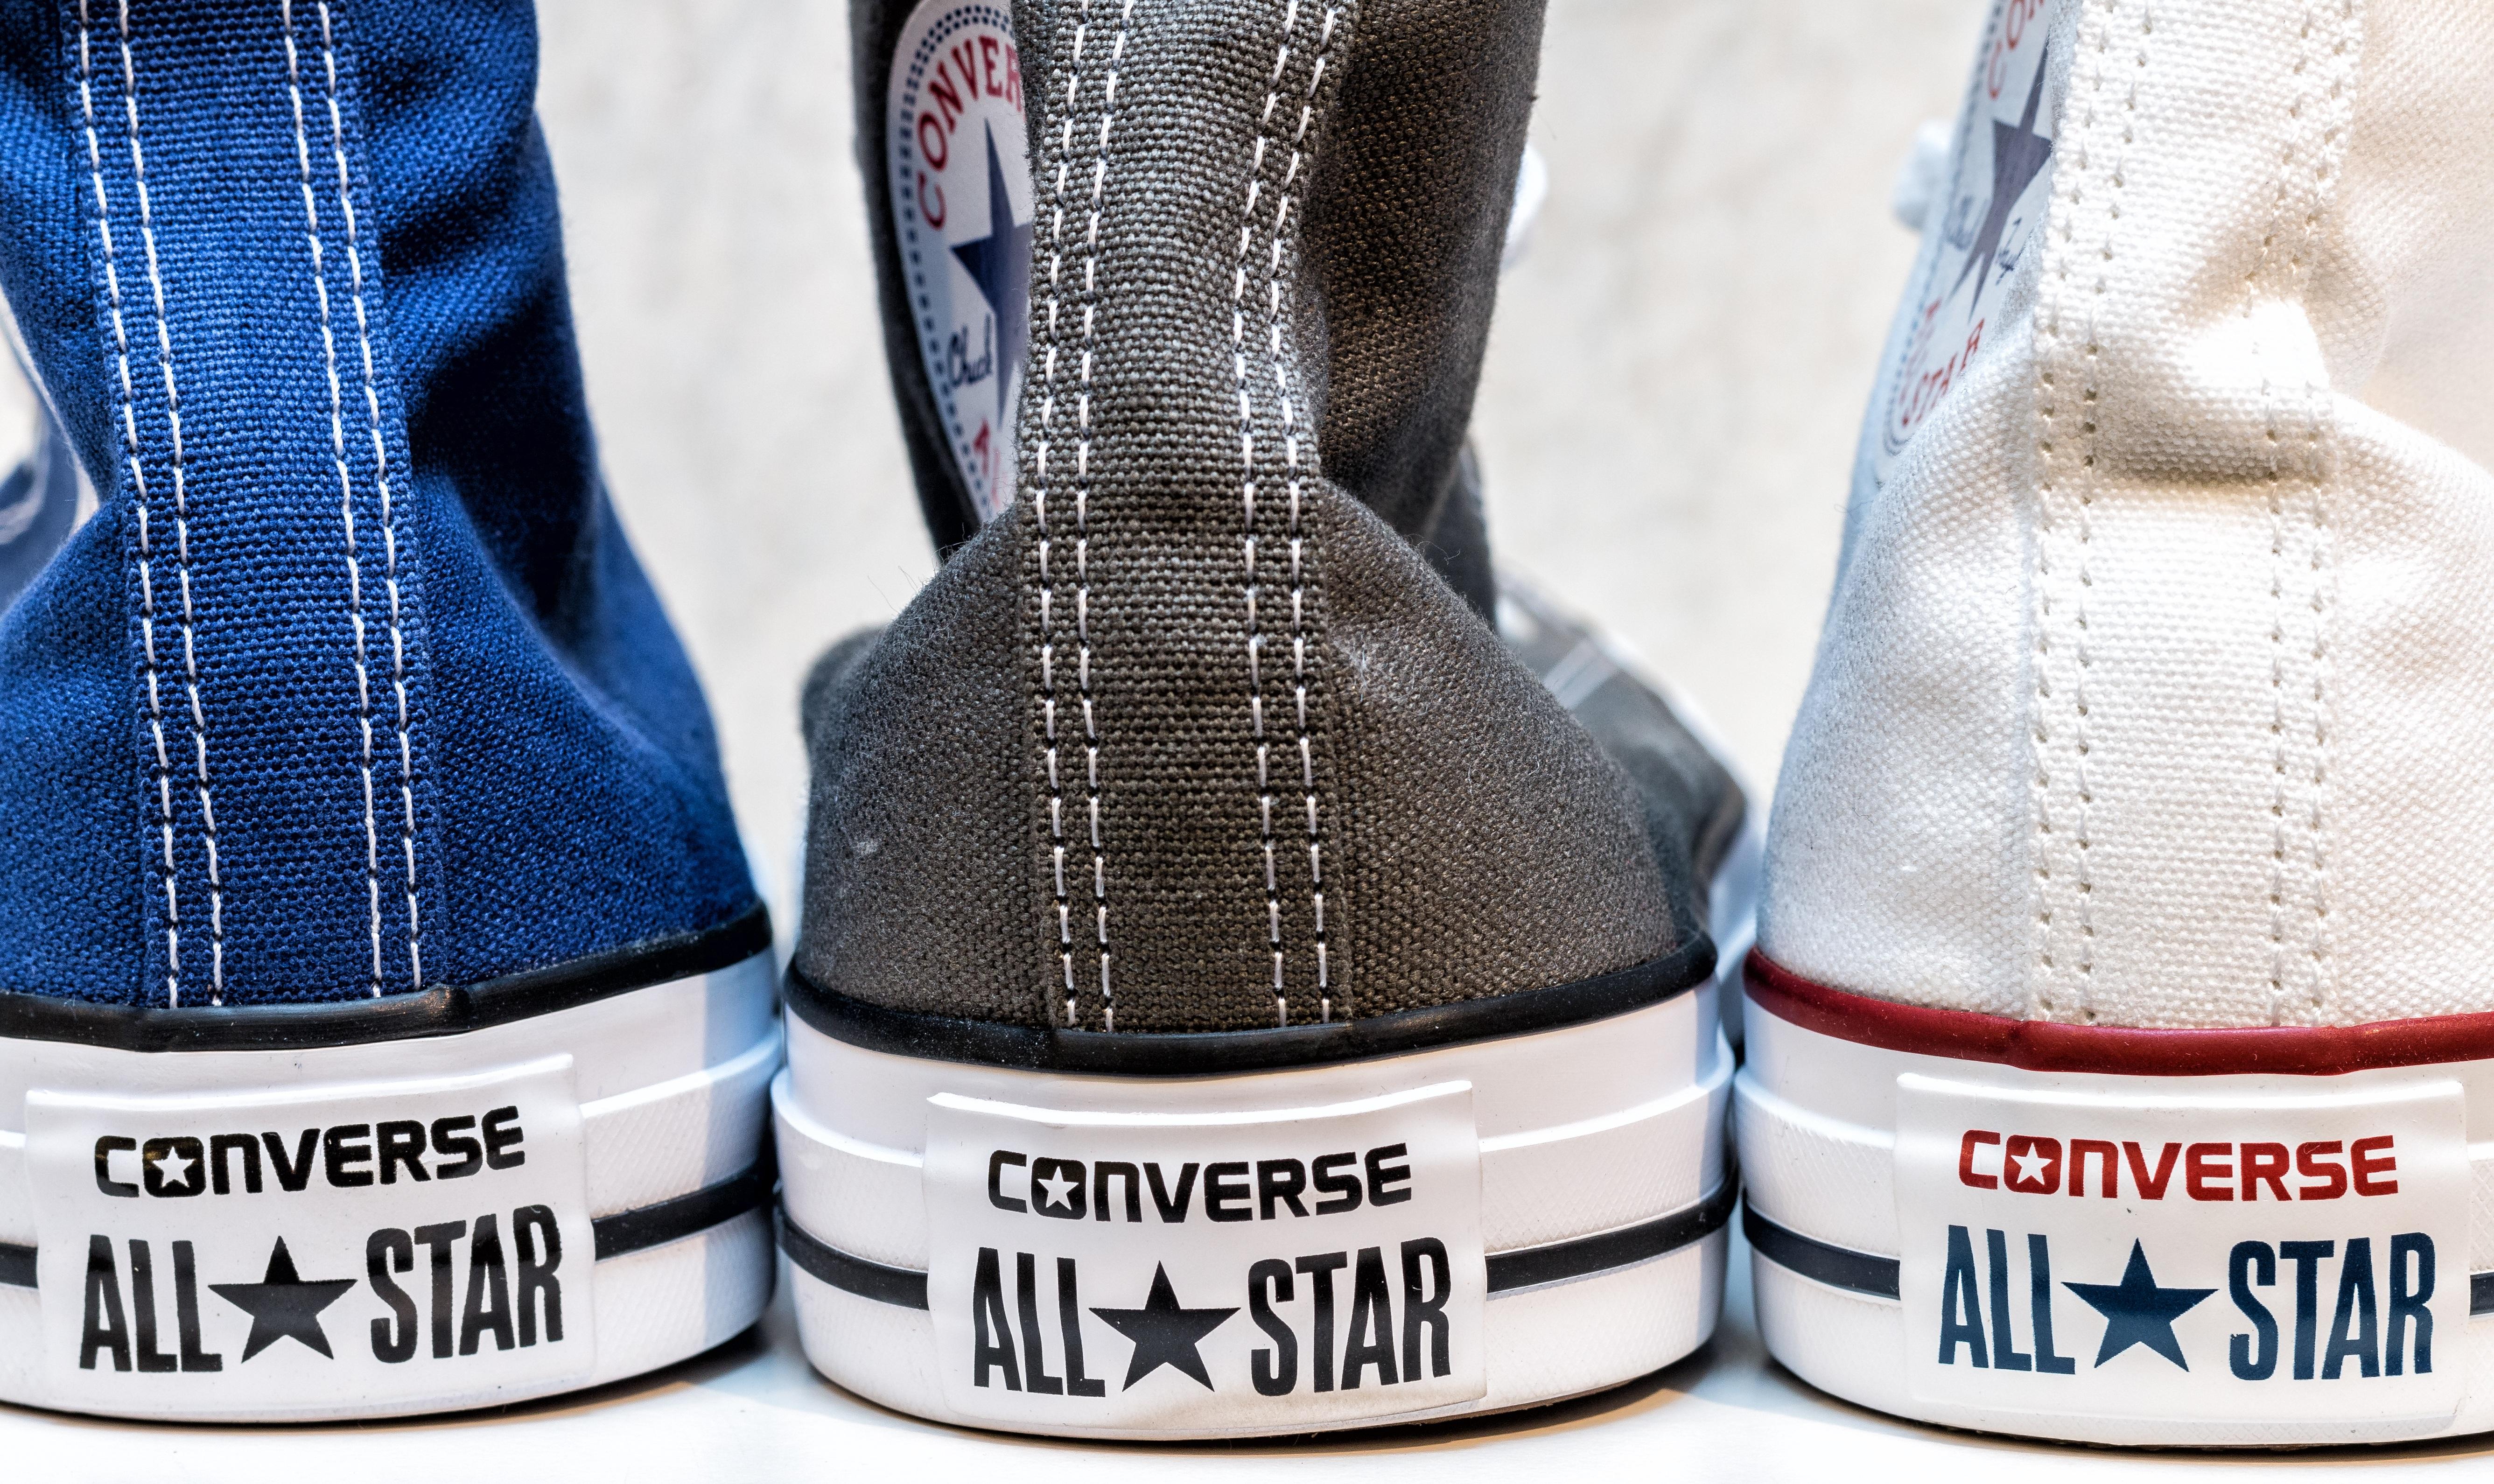 Material Gratis Las Marca Todas Cuero Fotos Zapato Estrellas CwFPtq